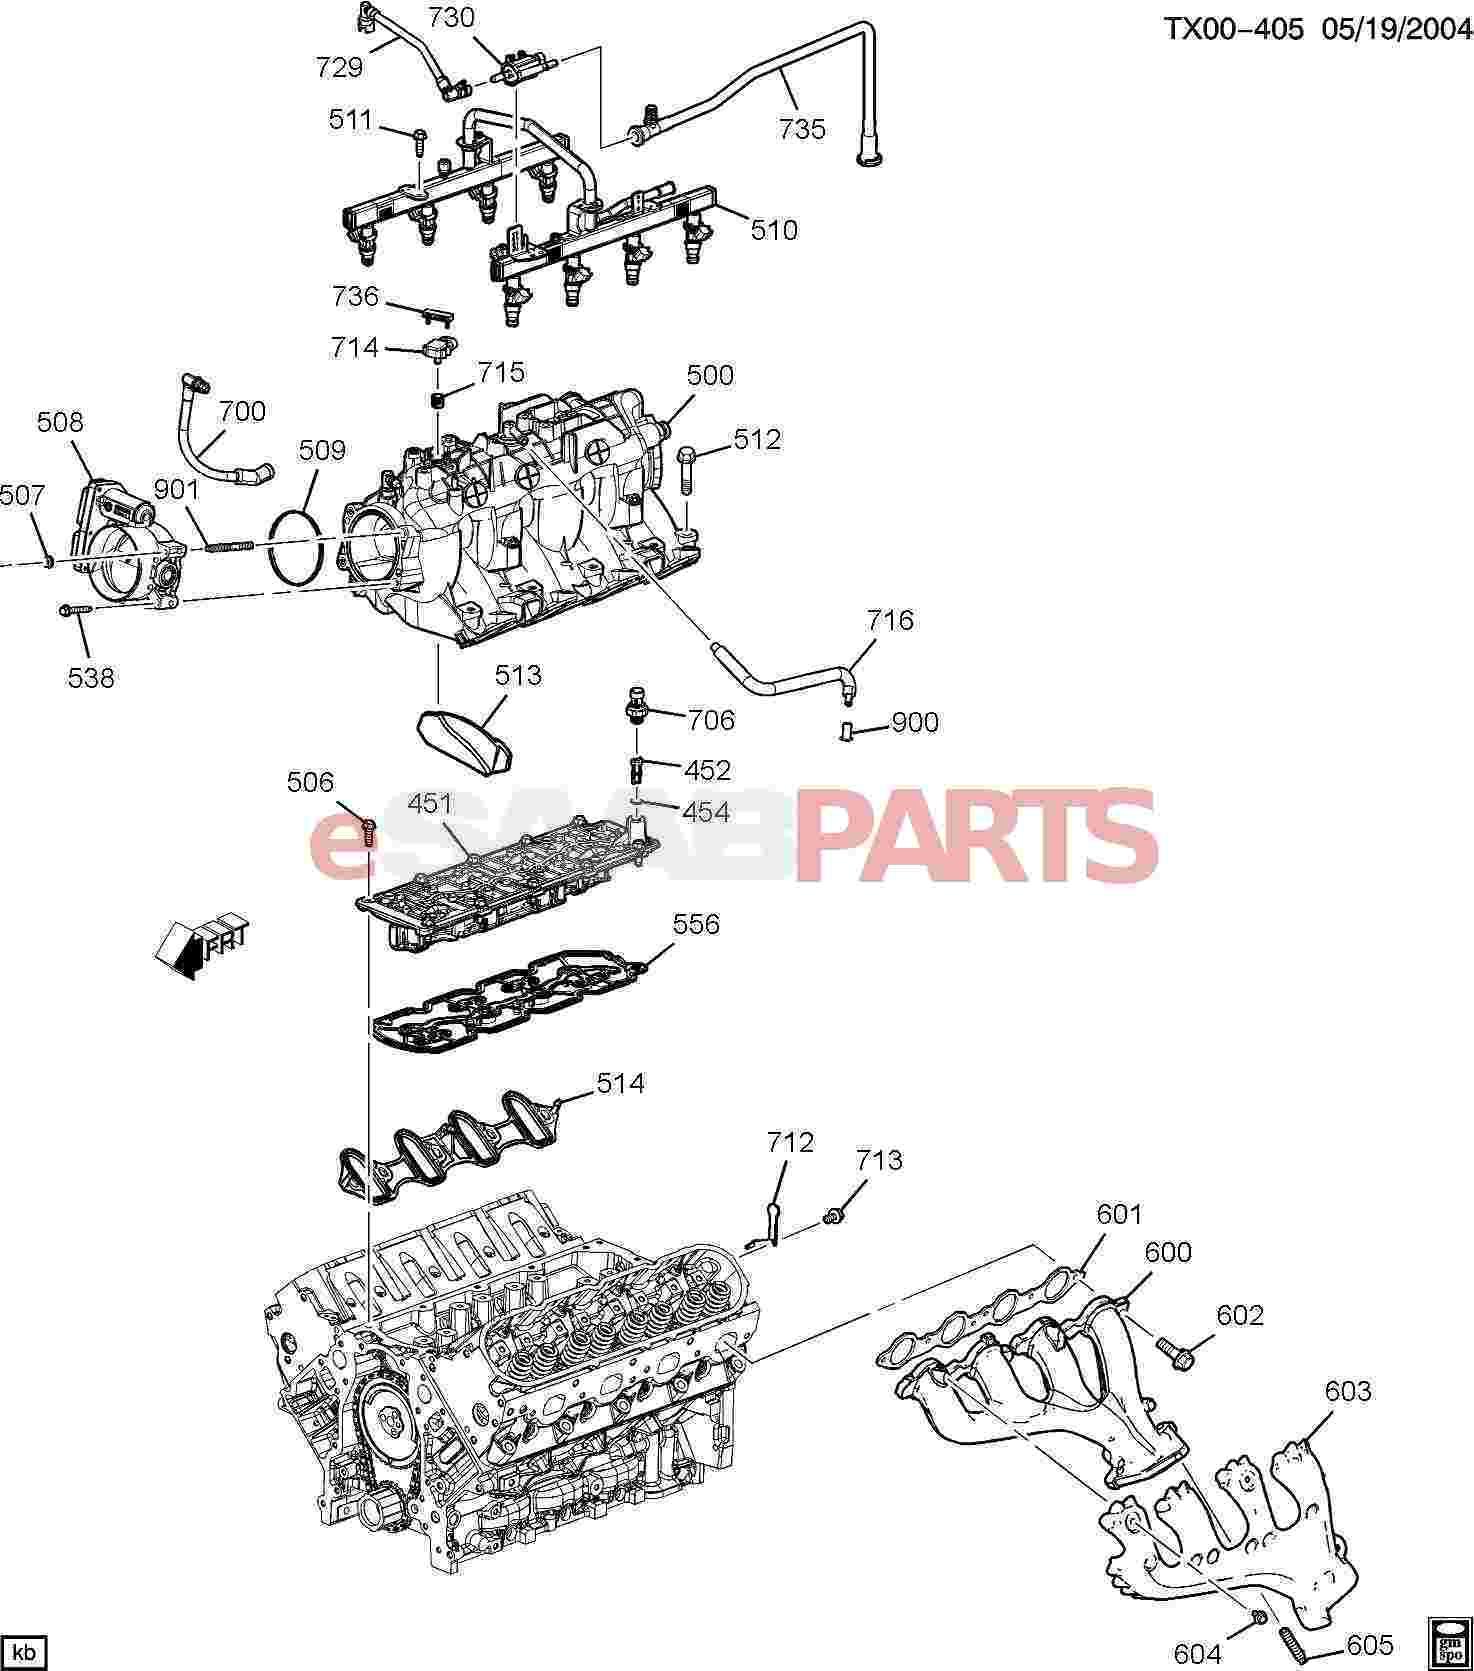 2004 chevy trailblazer engine diagram flower transpiration ls2 vortec wiring detailed rh 9 3 2 gastspiel gerhartz de chevrolet